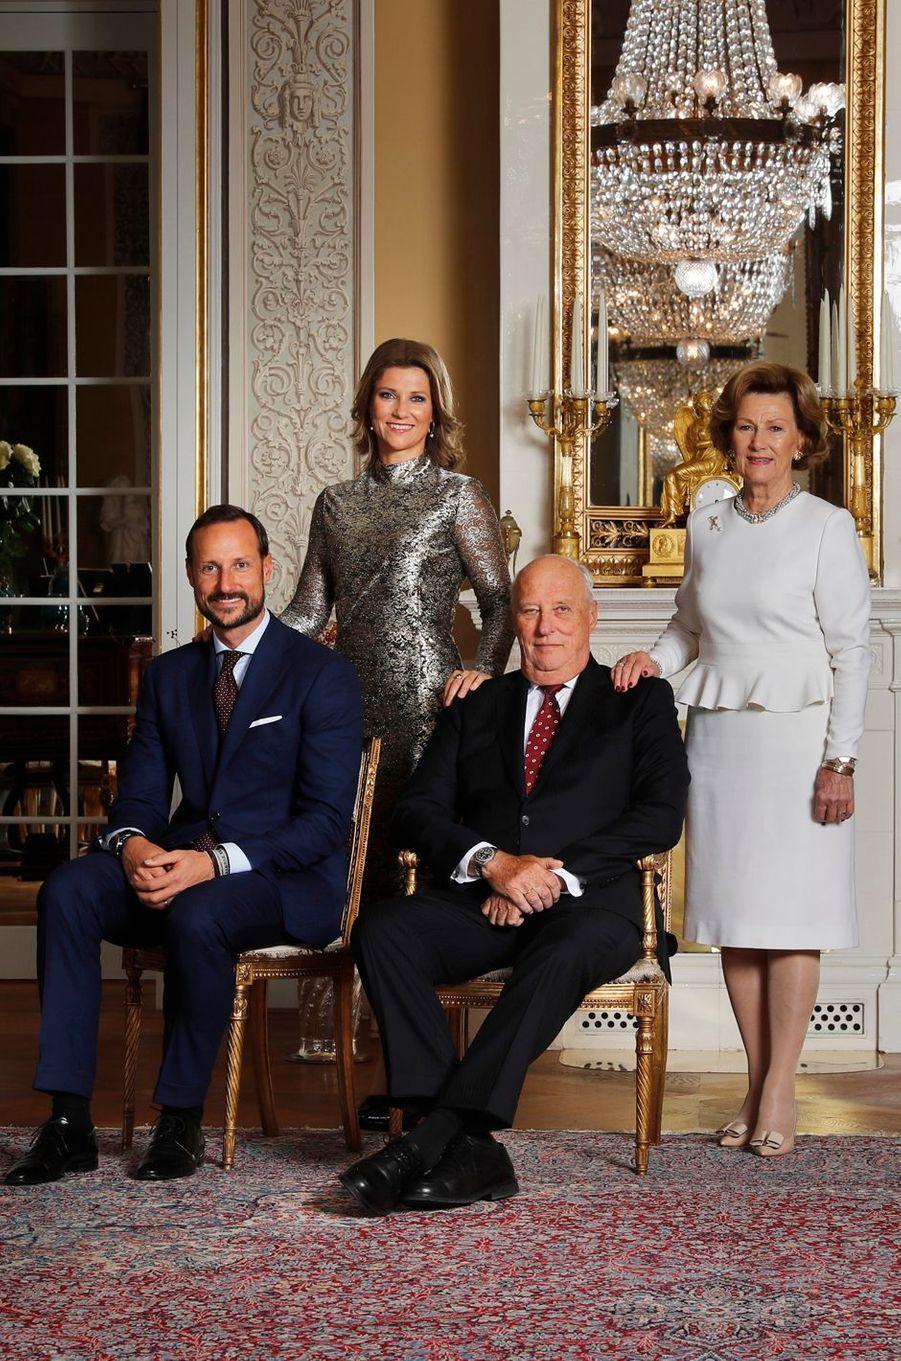 La reine Sonja et le roi Harald V de Norvège avec leurs enfants le prince Haakon et la princesse Märtha Louise, le 17 octobre 2016